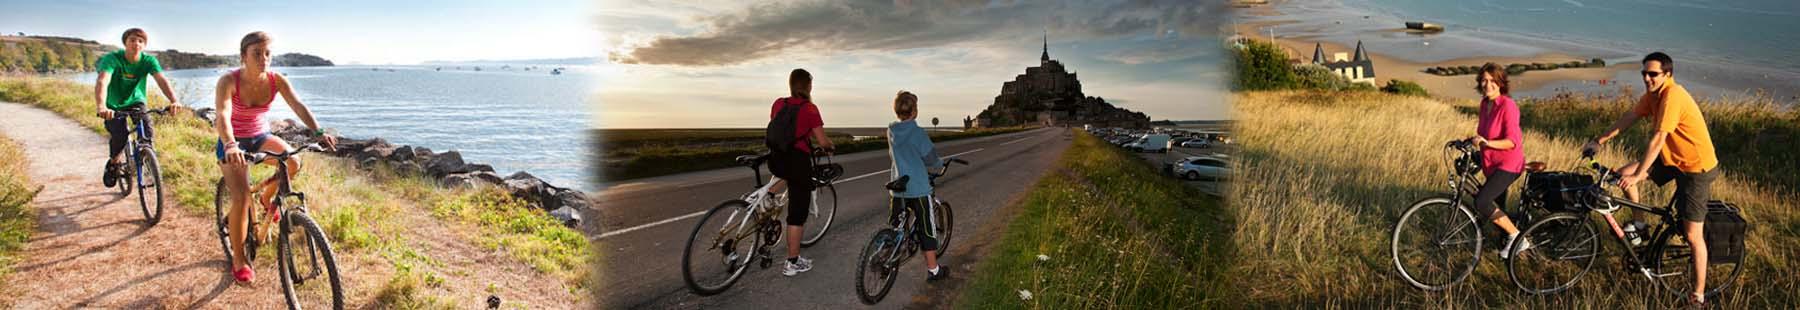 Sur l'eau et à vélo, à Redon